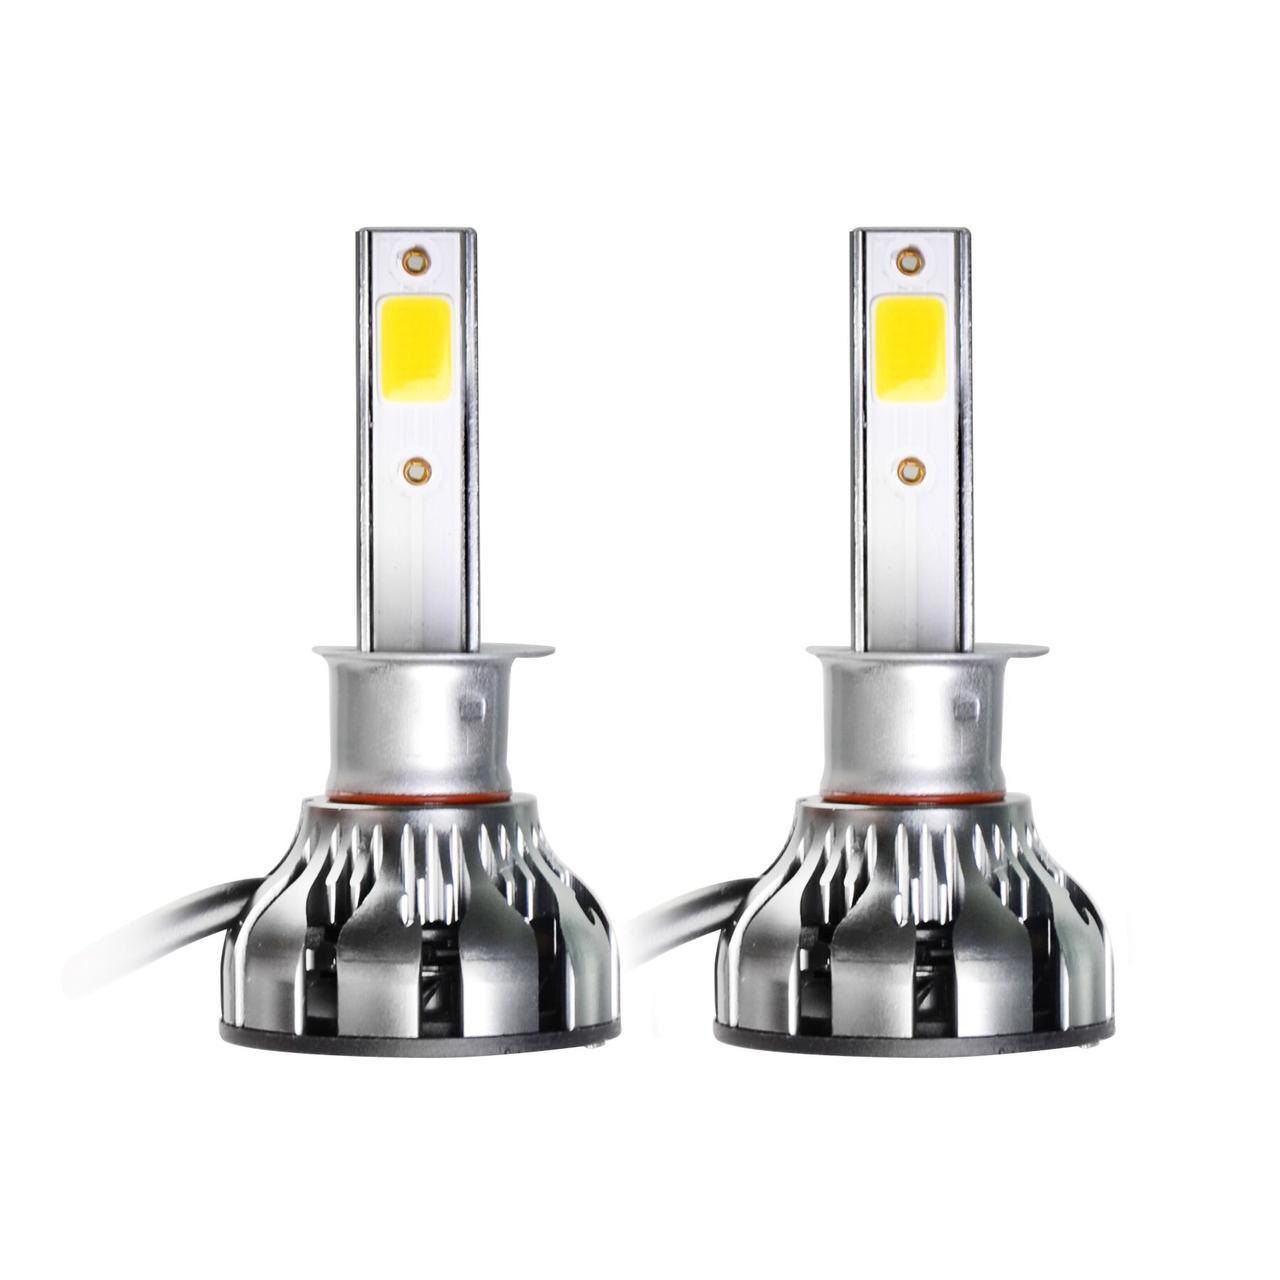 Светодиодные LED лампы MLux Grey Line H1, 26 Вт, 5000°К